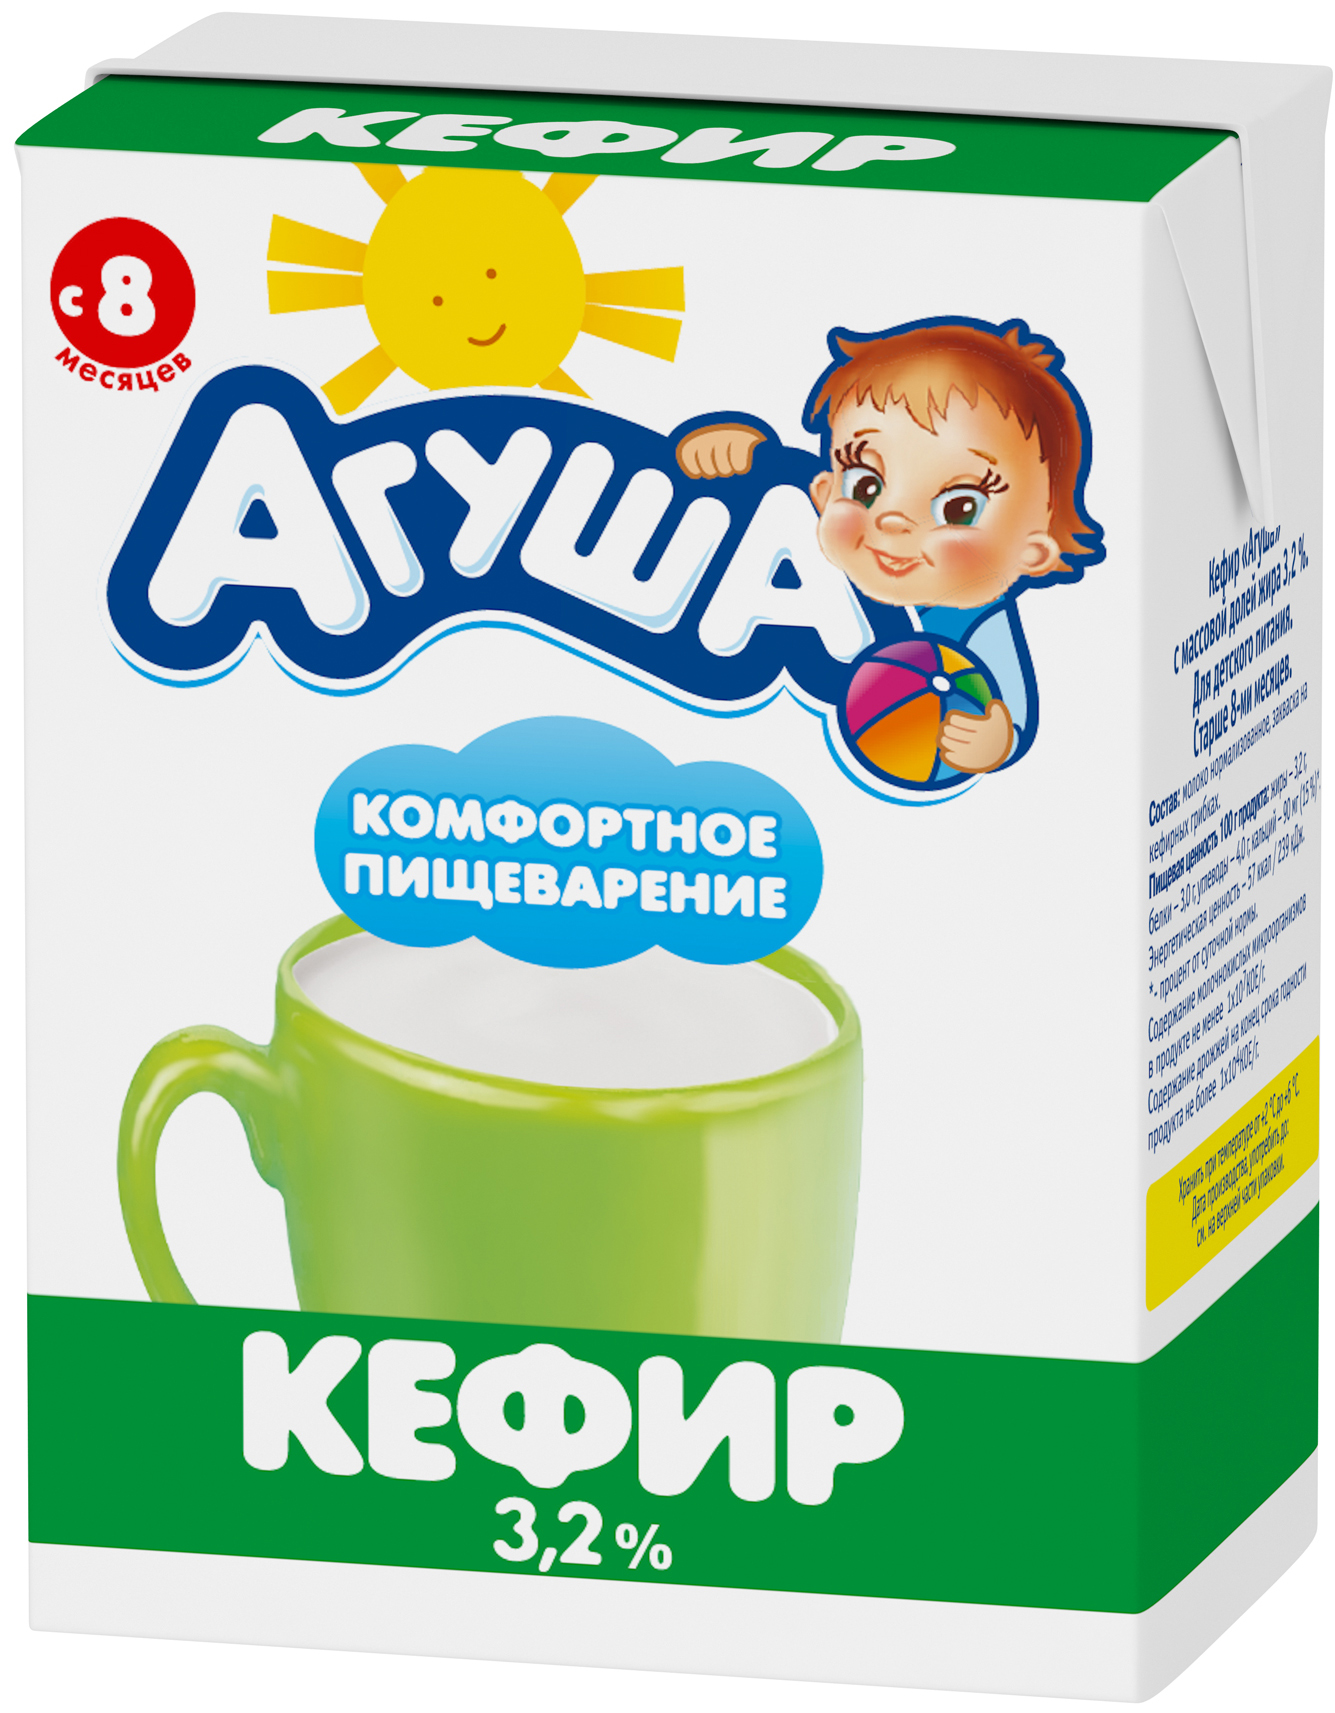 Молочная продукция Агуша Кефир Агуша 3,2% с 8 мес. 200 мл молочная продукция агуша молоко стерилизованное витаминизированное 2 5% 200 мл